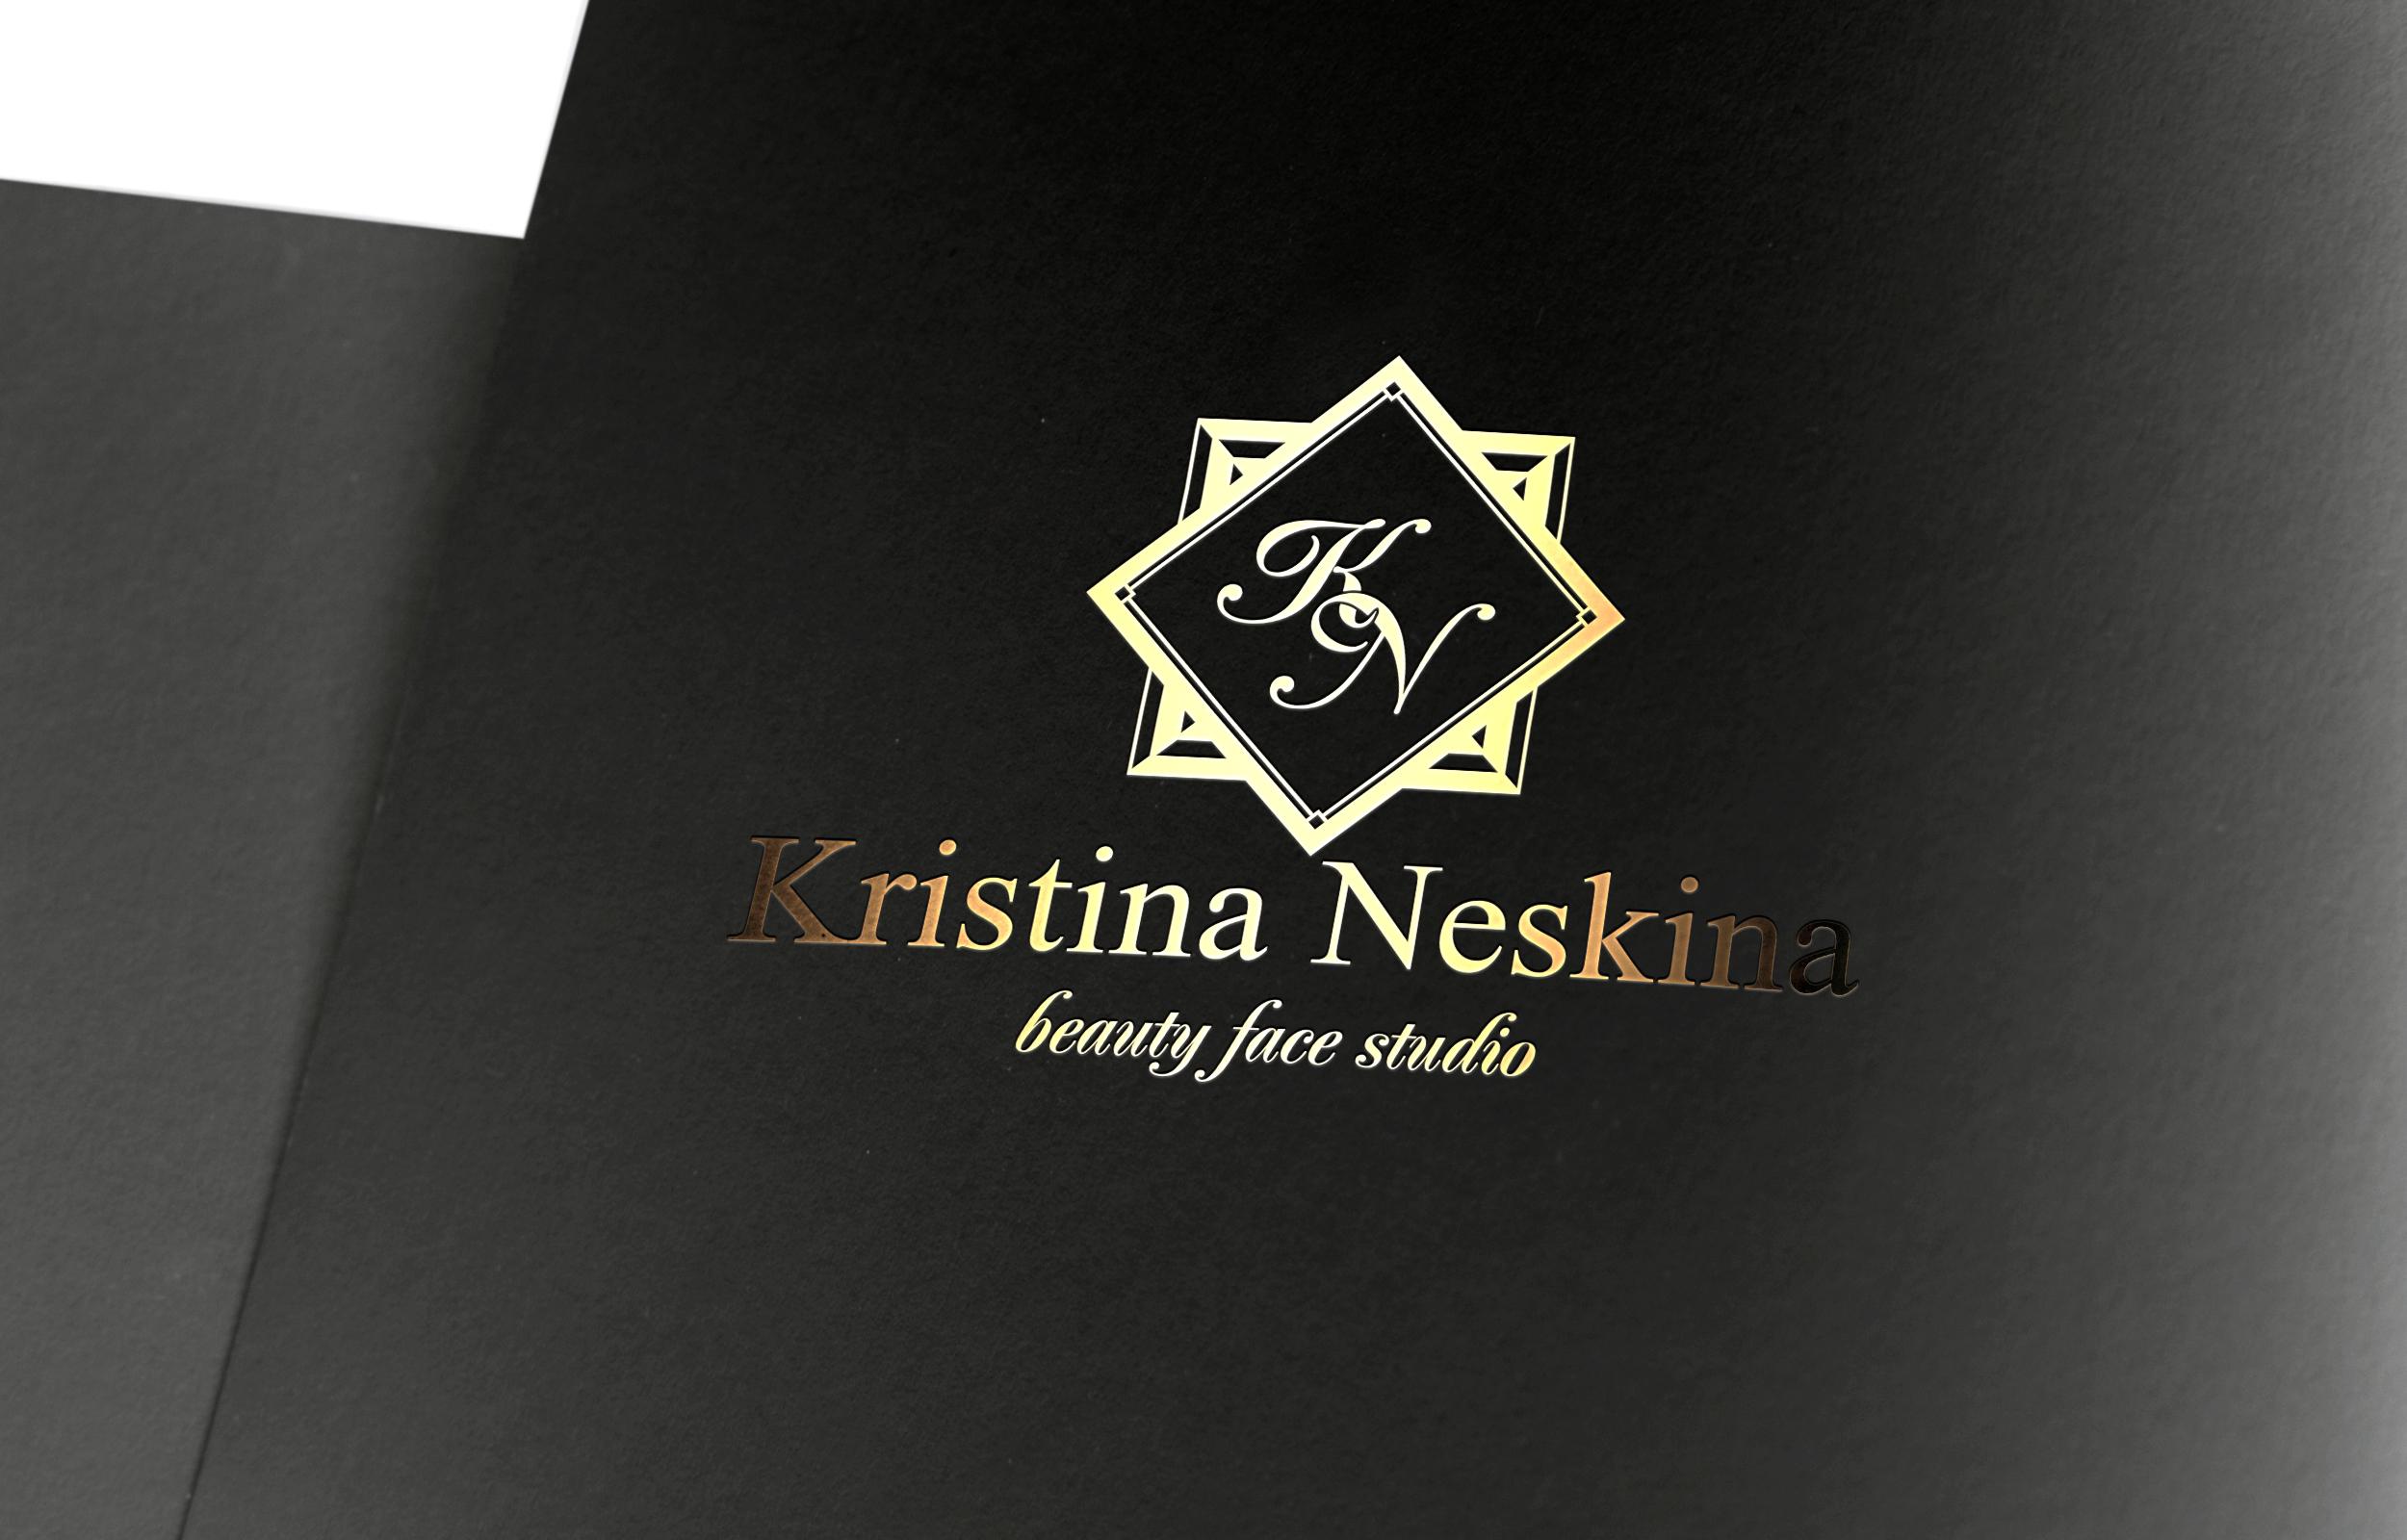 фольгирование логотипа на бумаге золотом